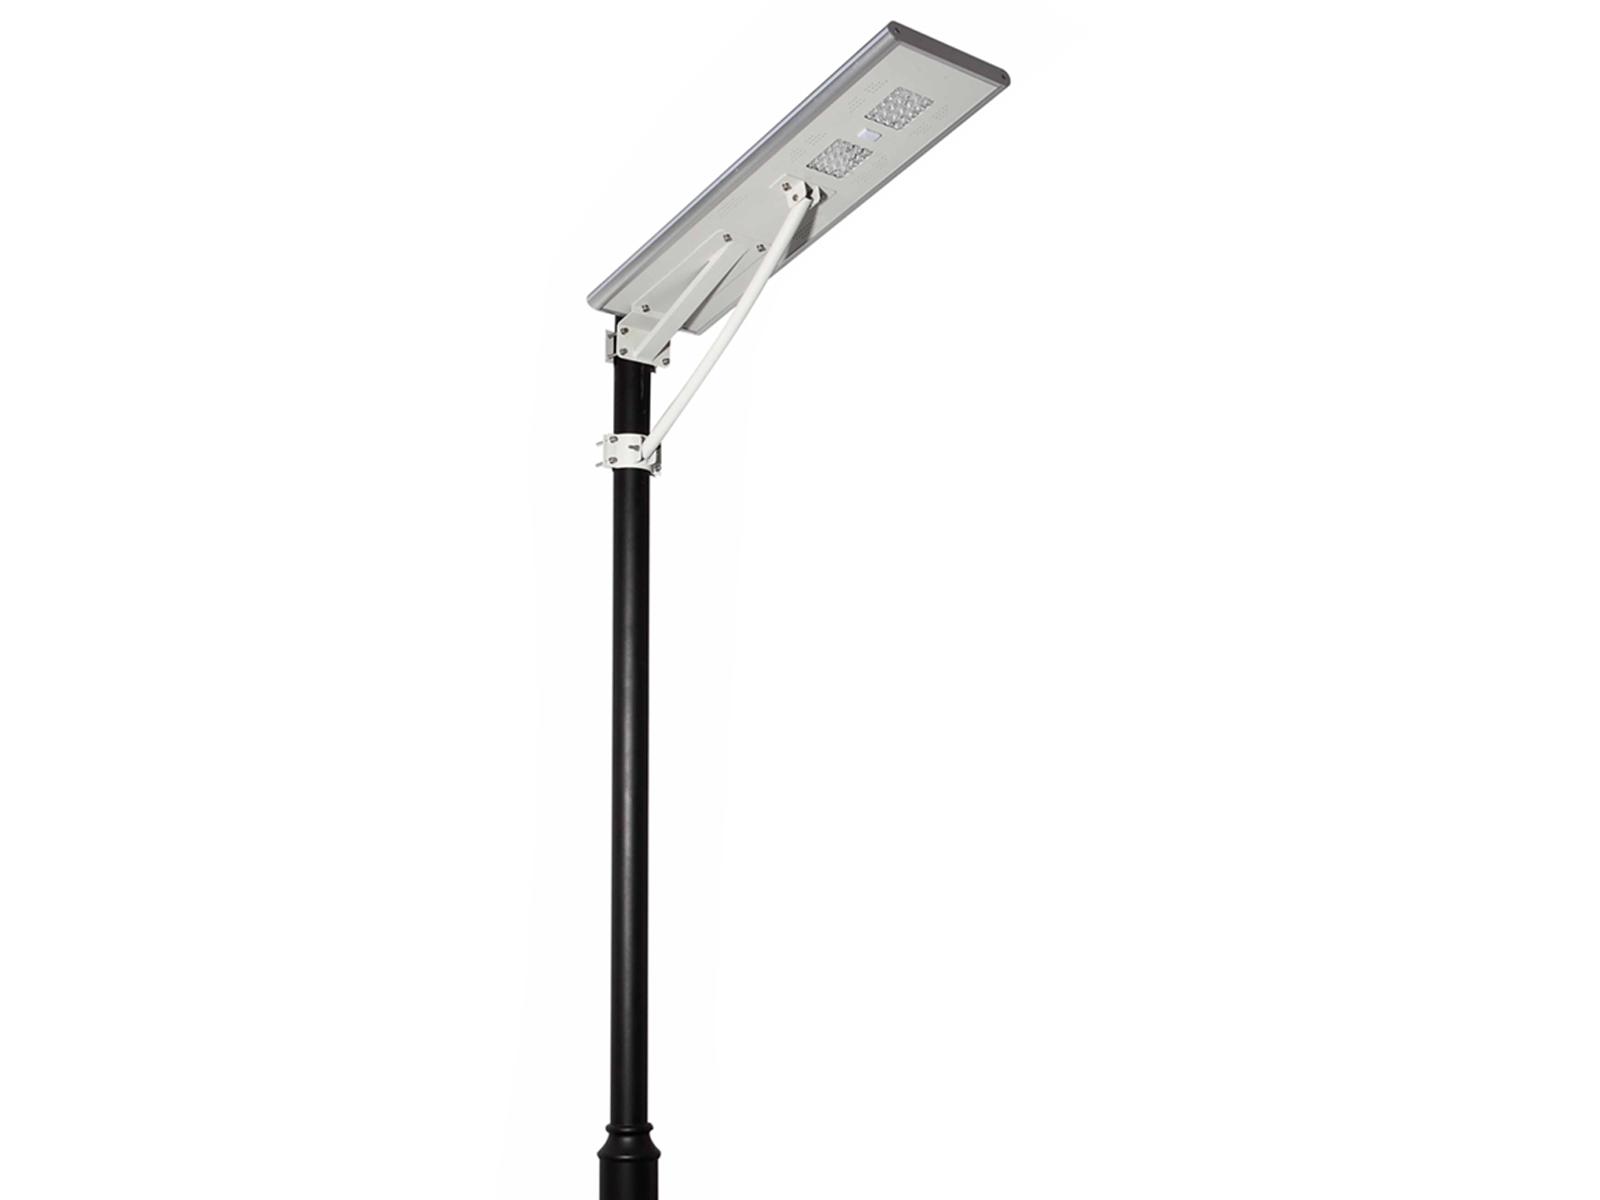 锂电一体化太阳能路灯_一体化太阳能路灯报价_南德太阳能一体化路灯